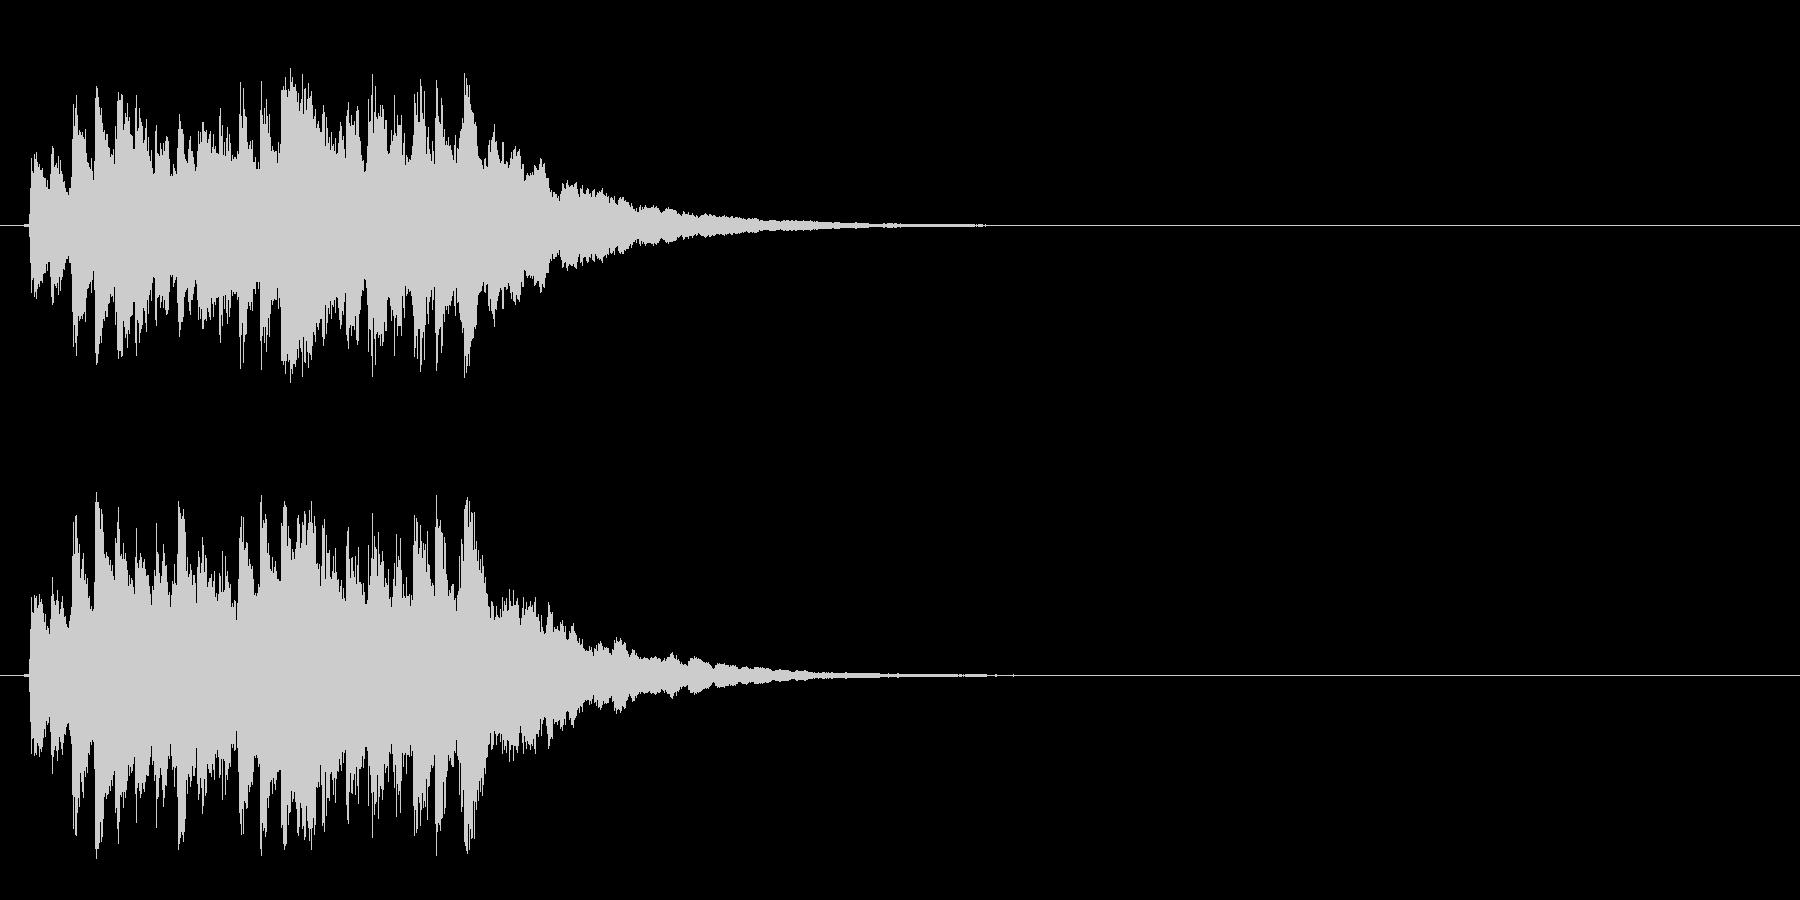 ジングル/環境(清涼/場面転換SE風)の未再生の波形